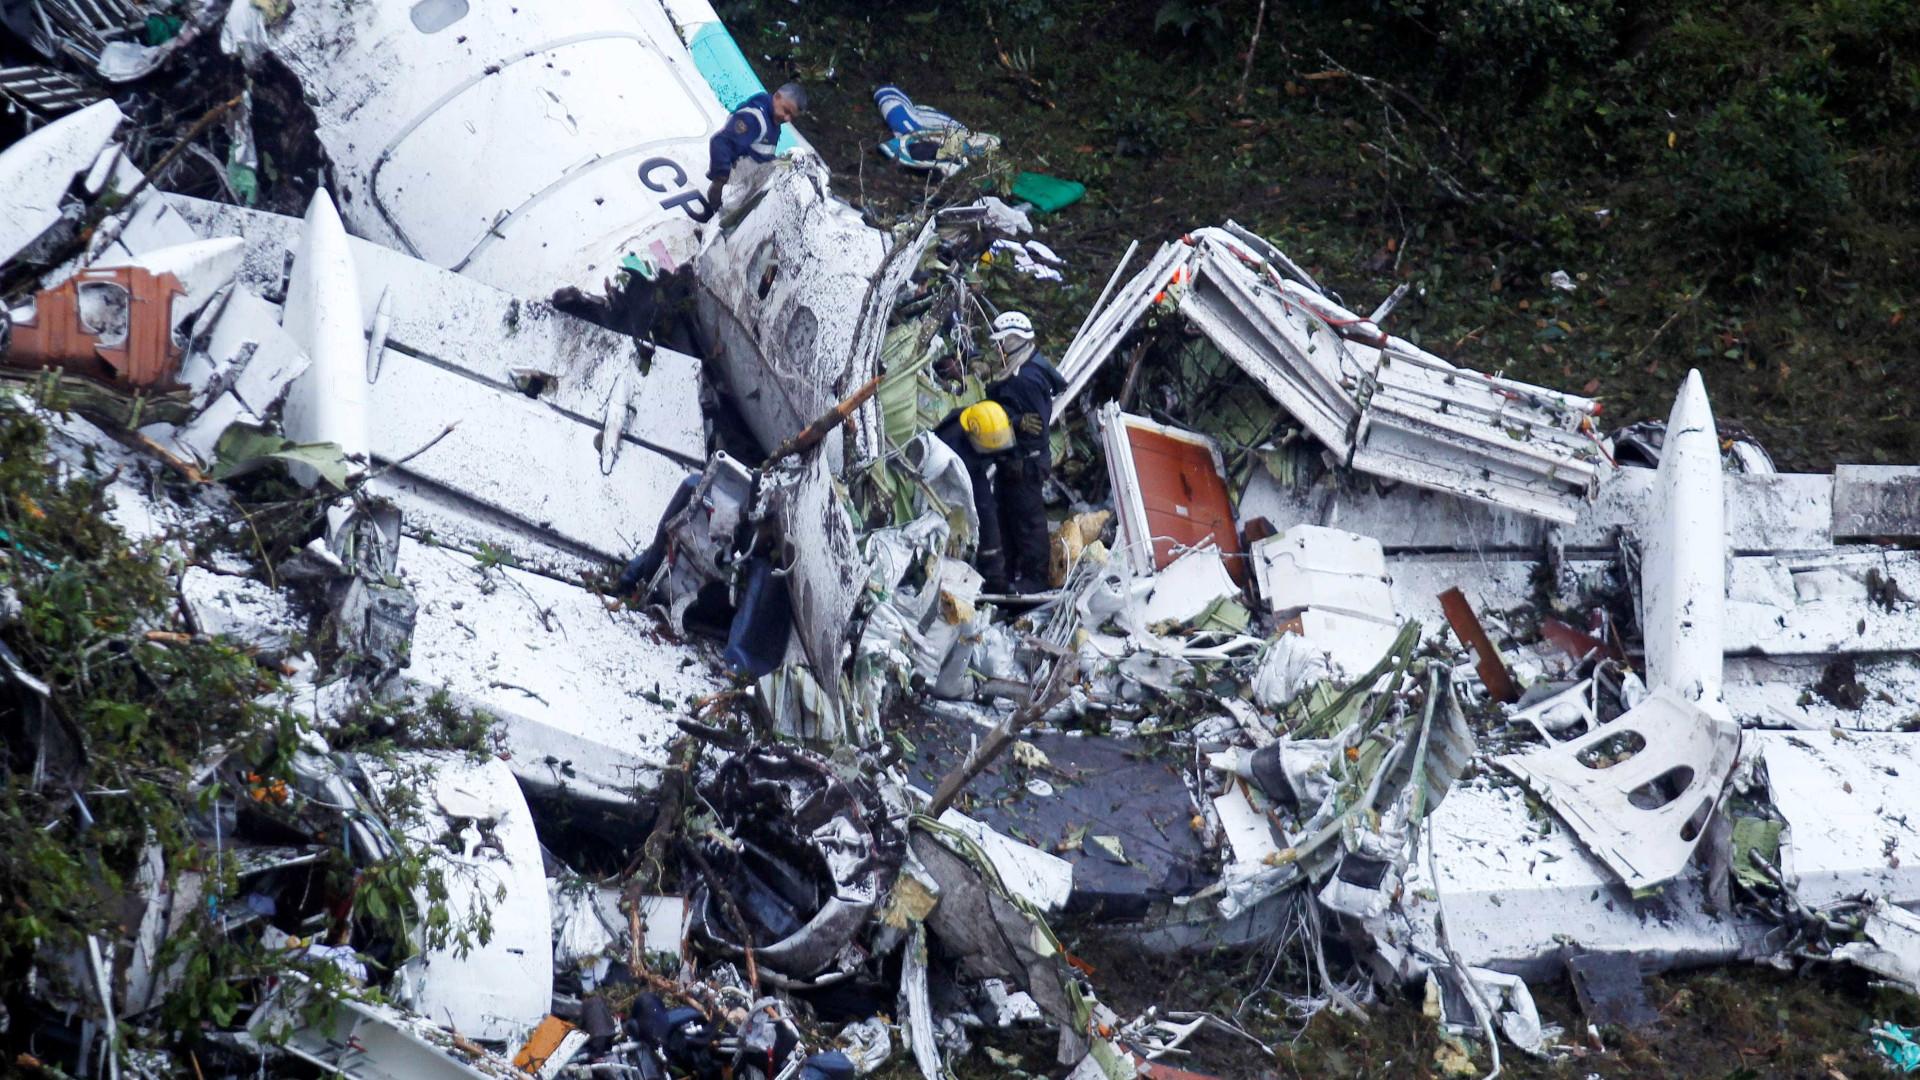 Tragédia do Chapecoense: Avião terá embatido em topo de montanha